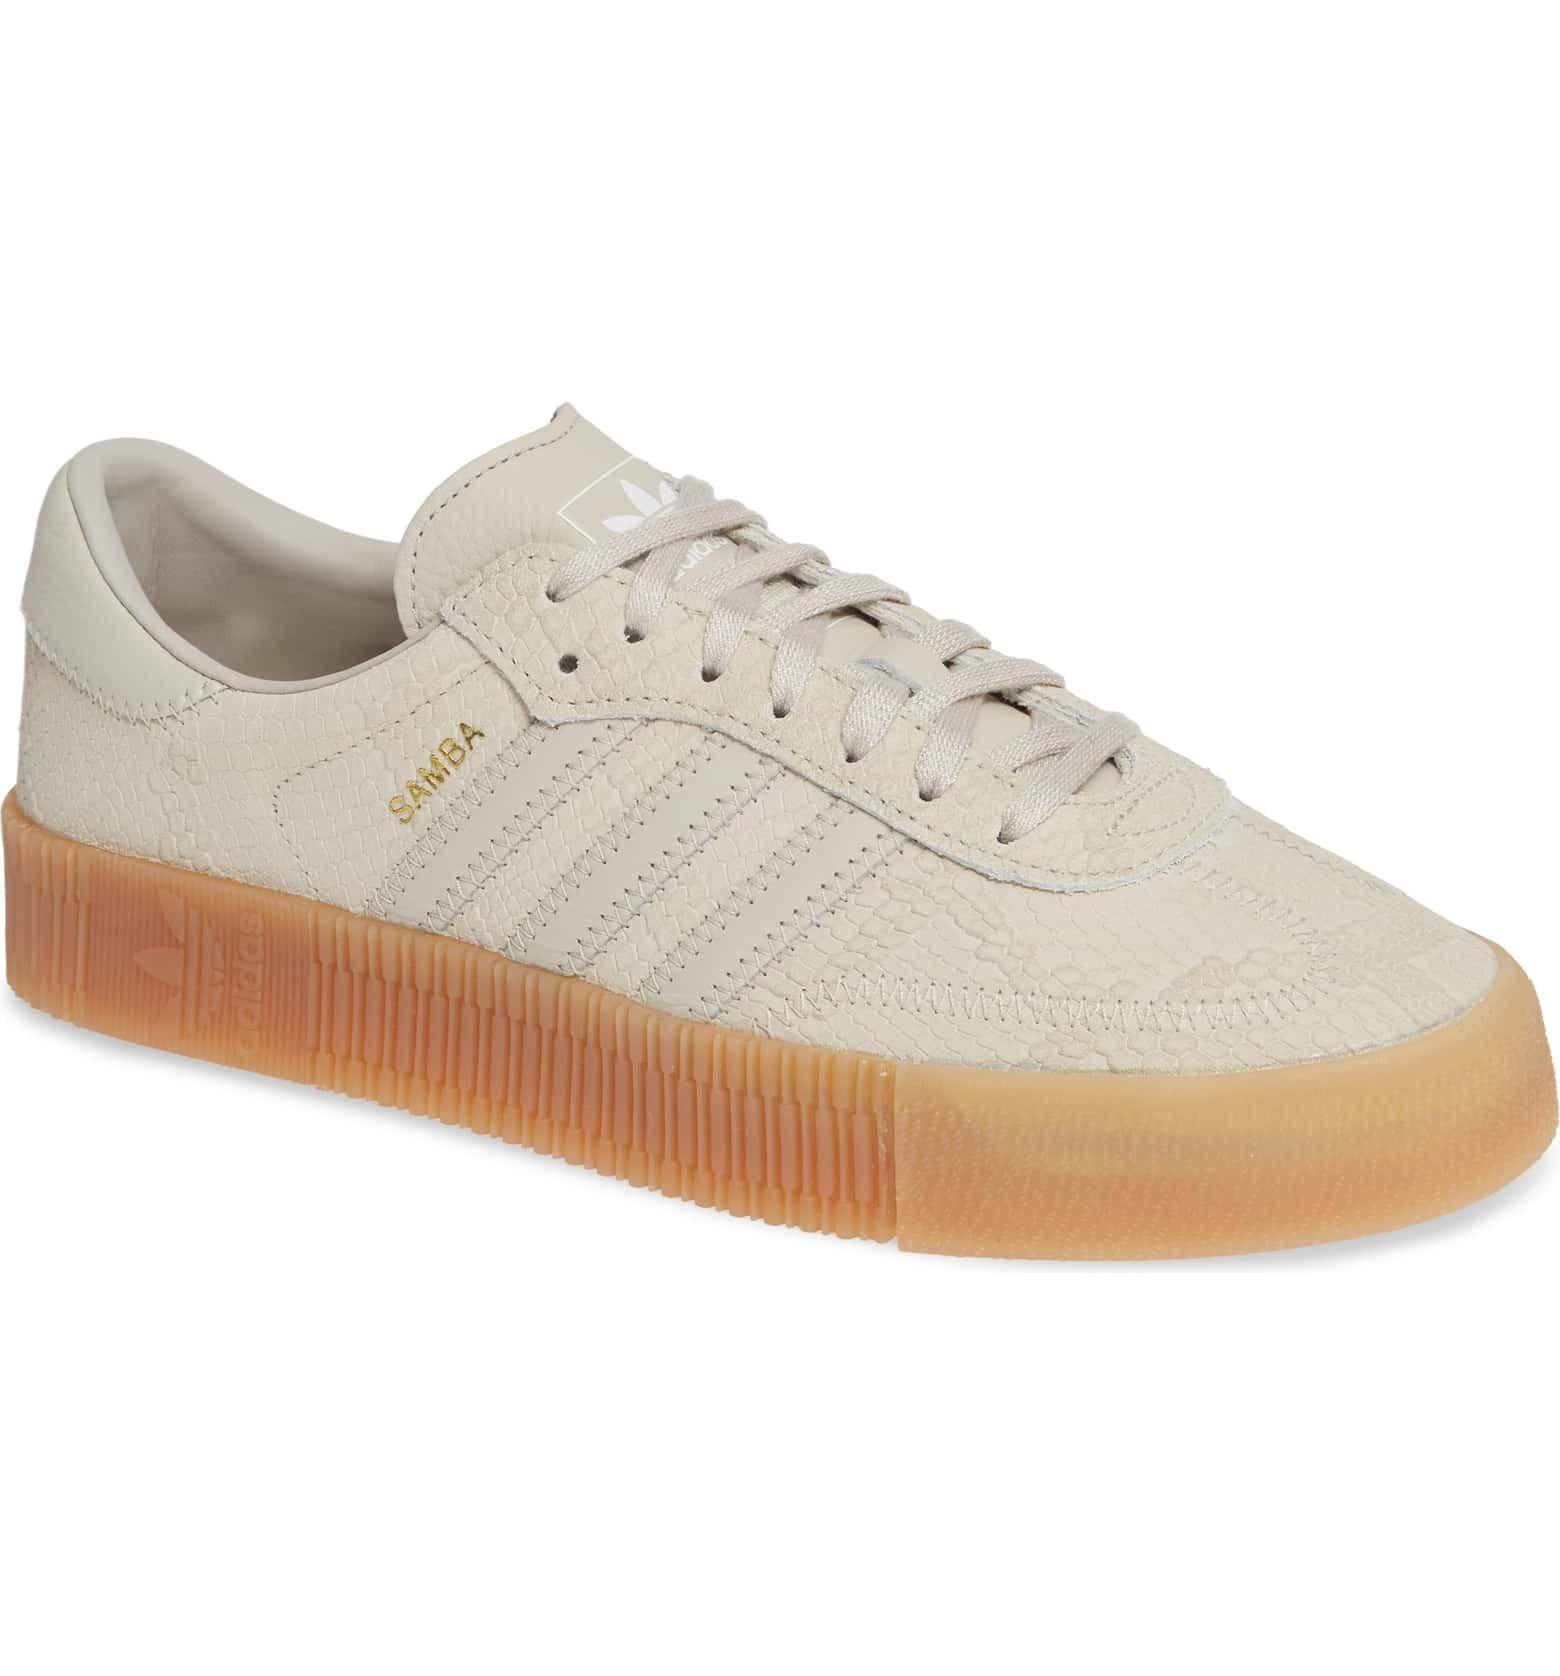 e26e07bb Samba Rose Sneaker, Main, color, CLEAR BROWN/ CLEAR BROWN/ GUM ...